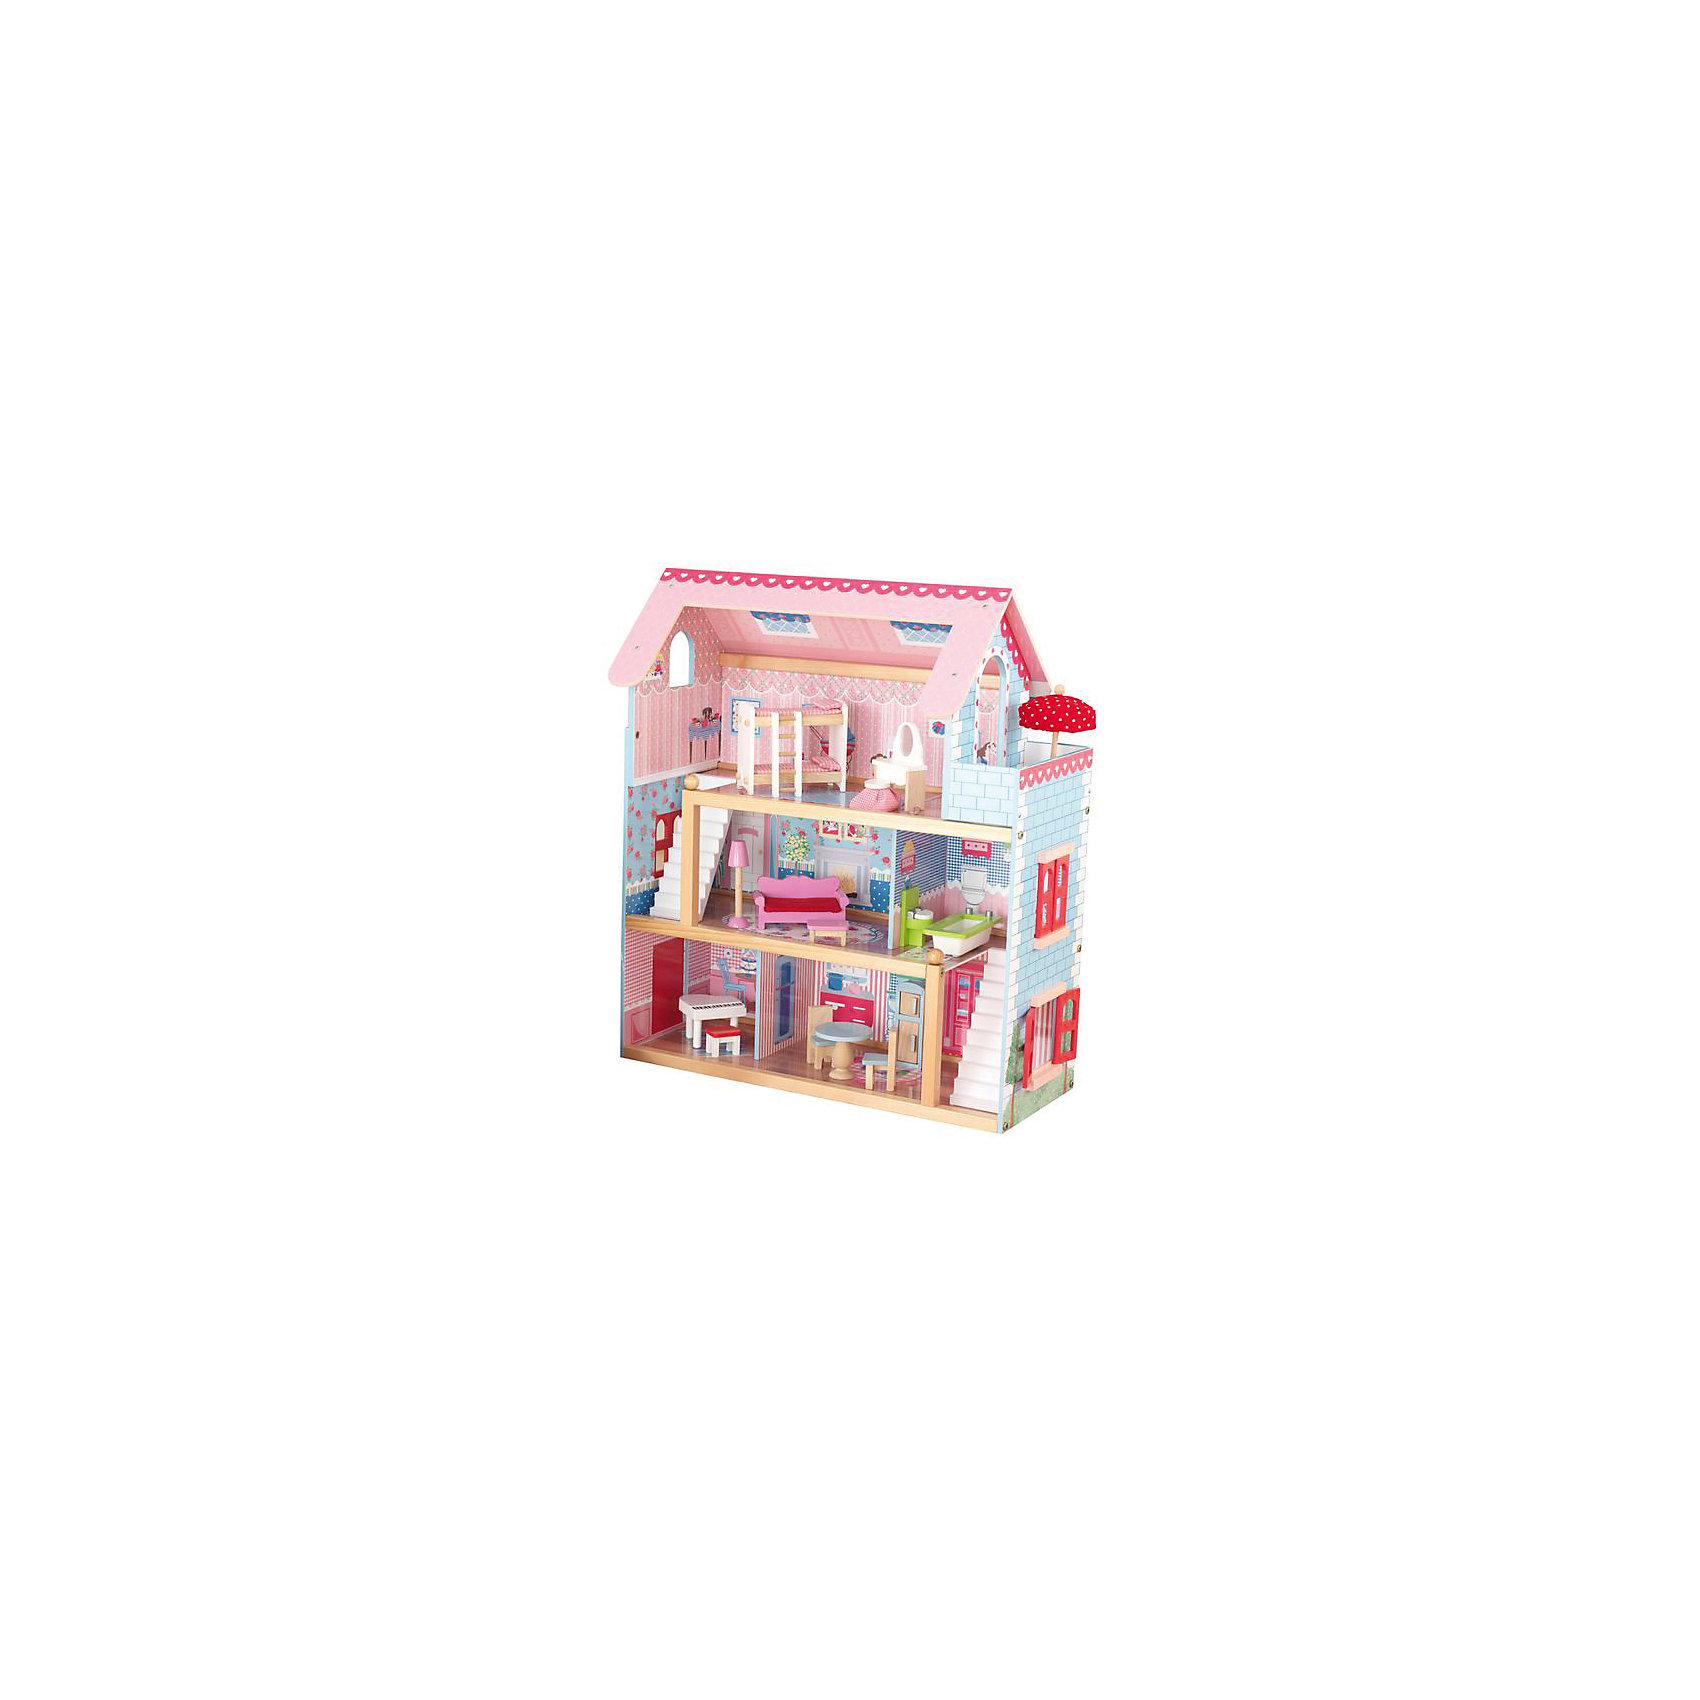 KidKraft Кукольный домик Открытый коттедж (Chelsea), с мебелью, 19 пр., KidKraft куплю дом или коттедж в солотче